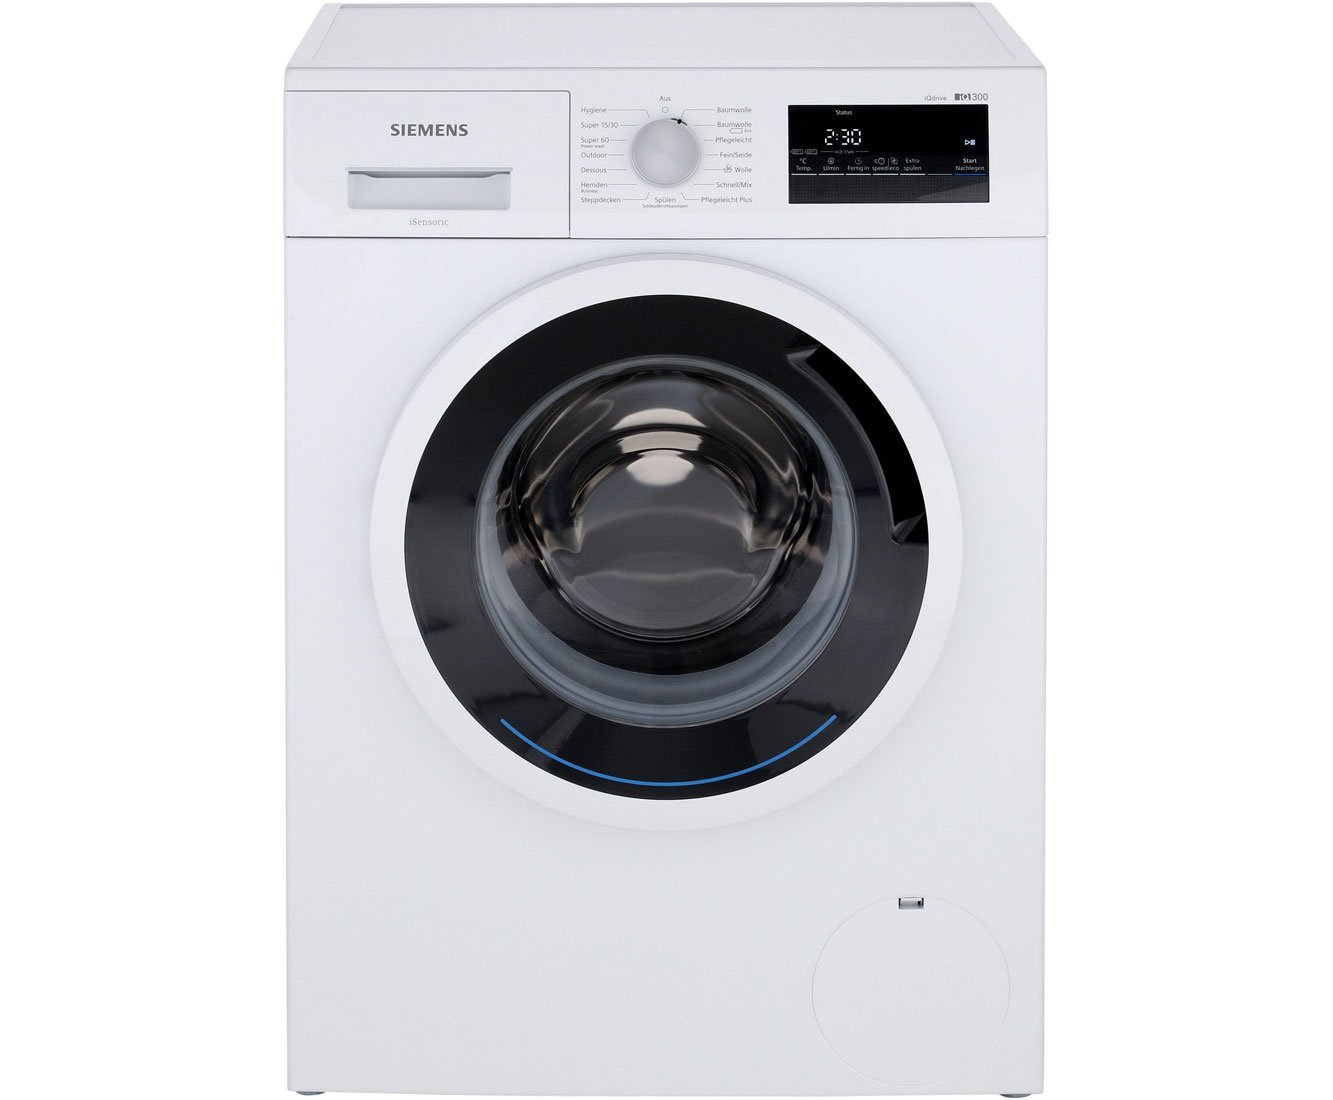 siemens wm14n120 iq300 waschmaschine energieeffizient und sehr gut bewertet. Black Bedroom Furniture Sets. Home Design Ideas